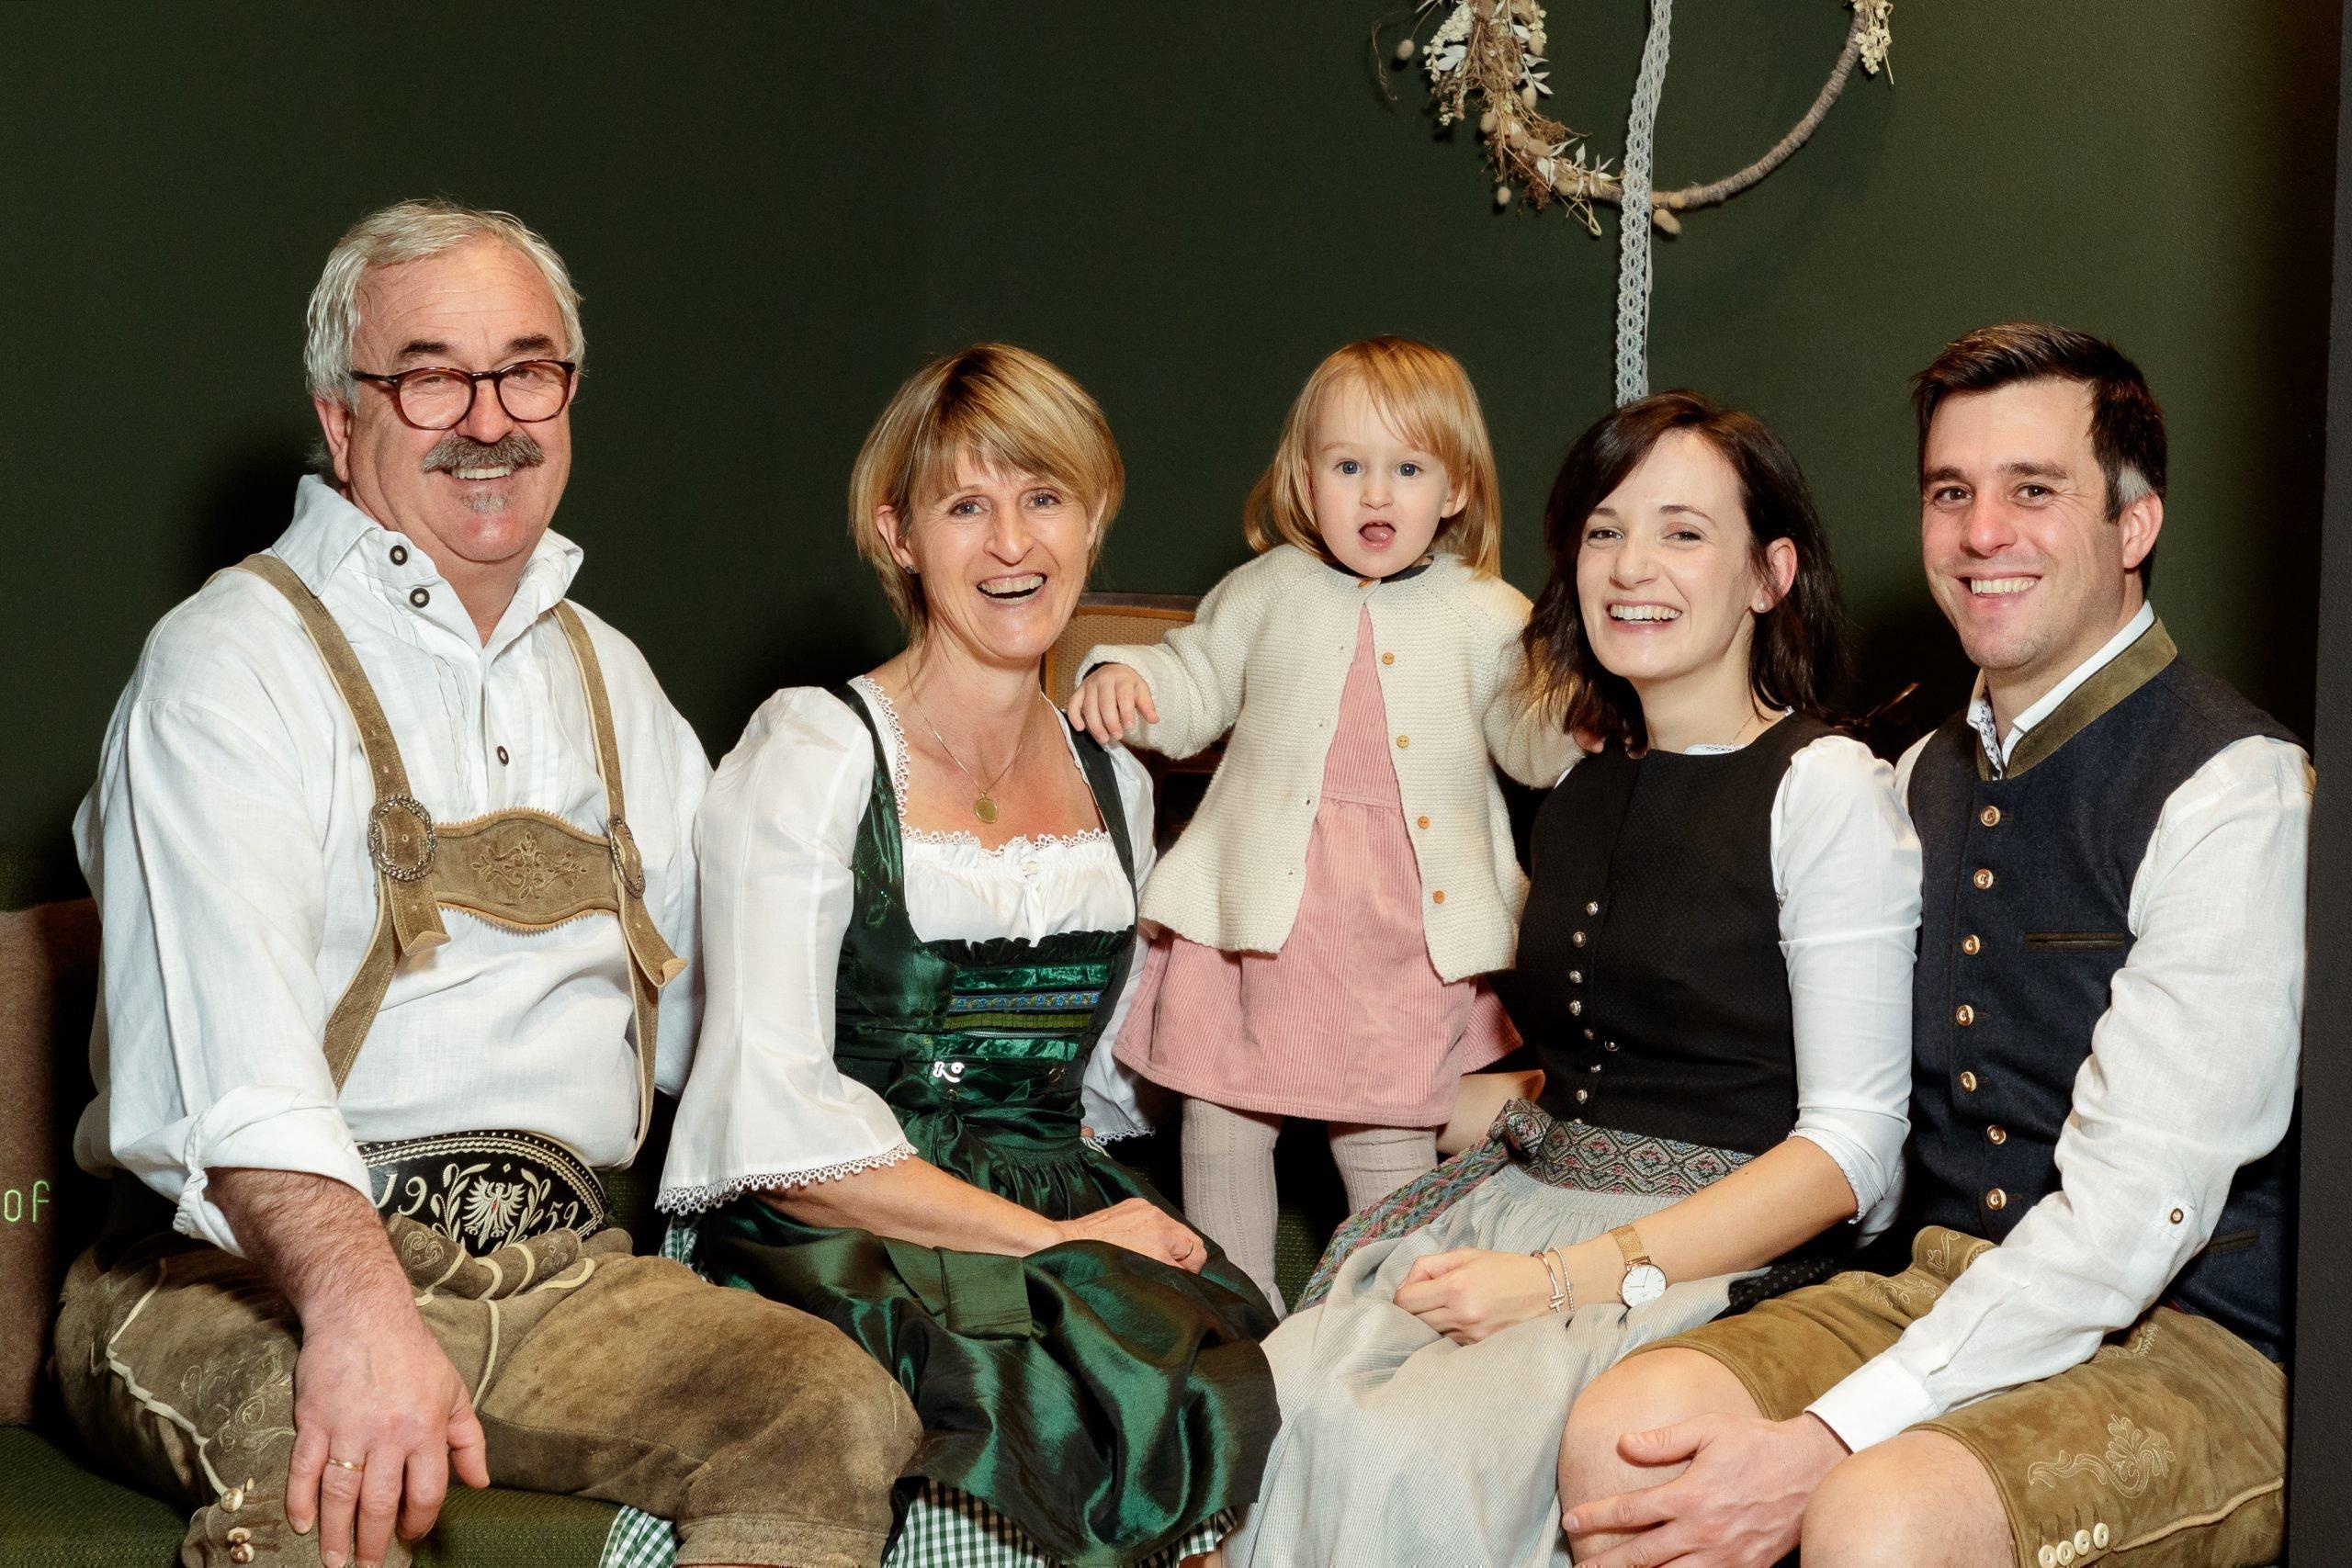 Familie Tauber, das sind Erich und Christine, Andreas und Kathrin mit Annalena und Oma Fane